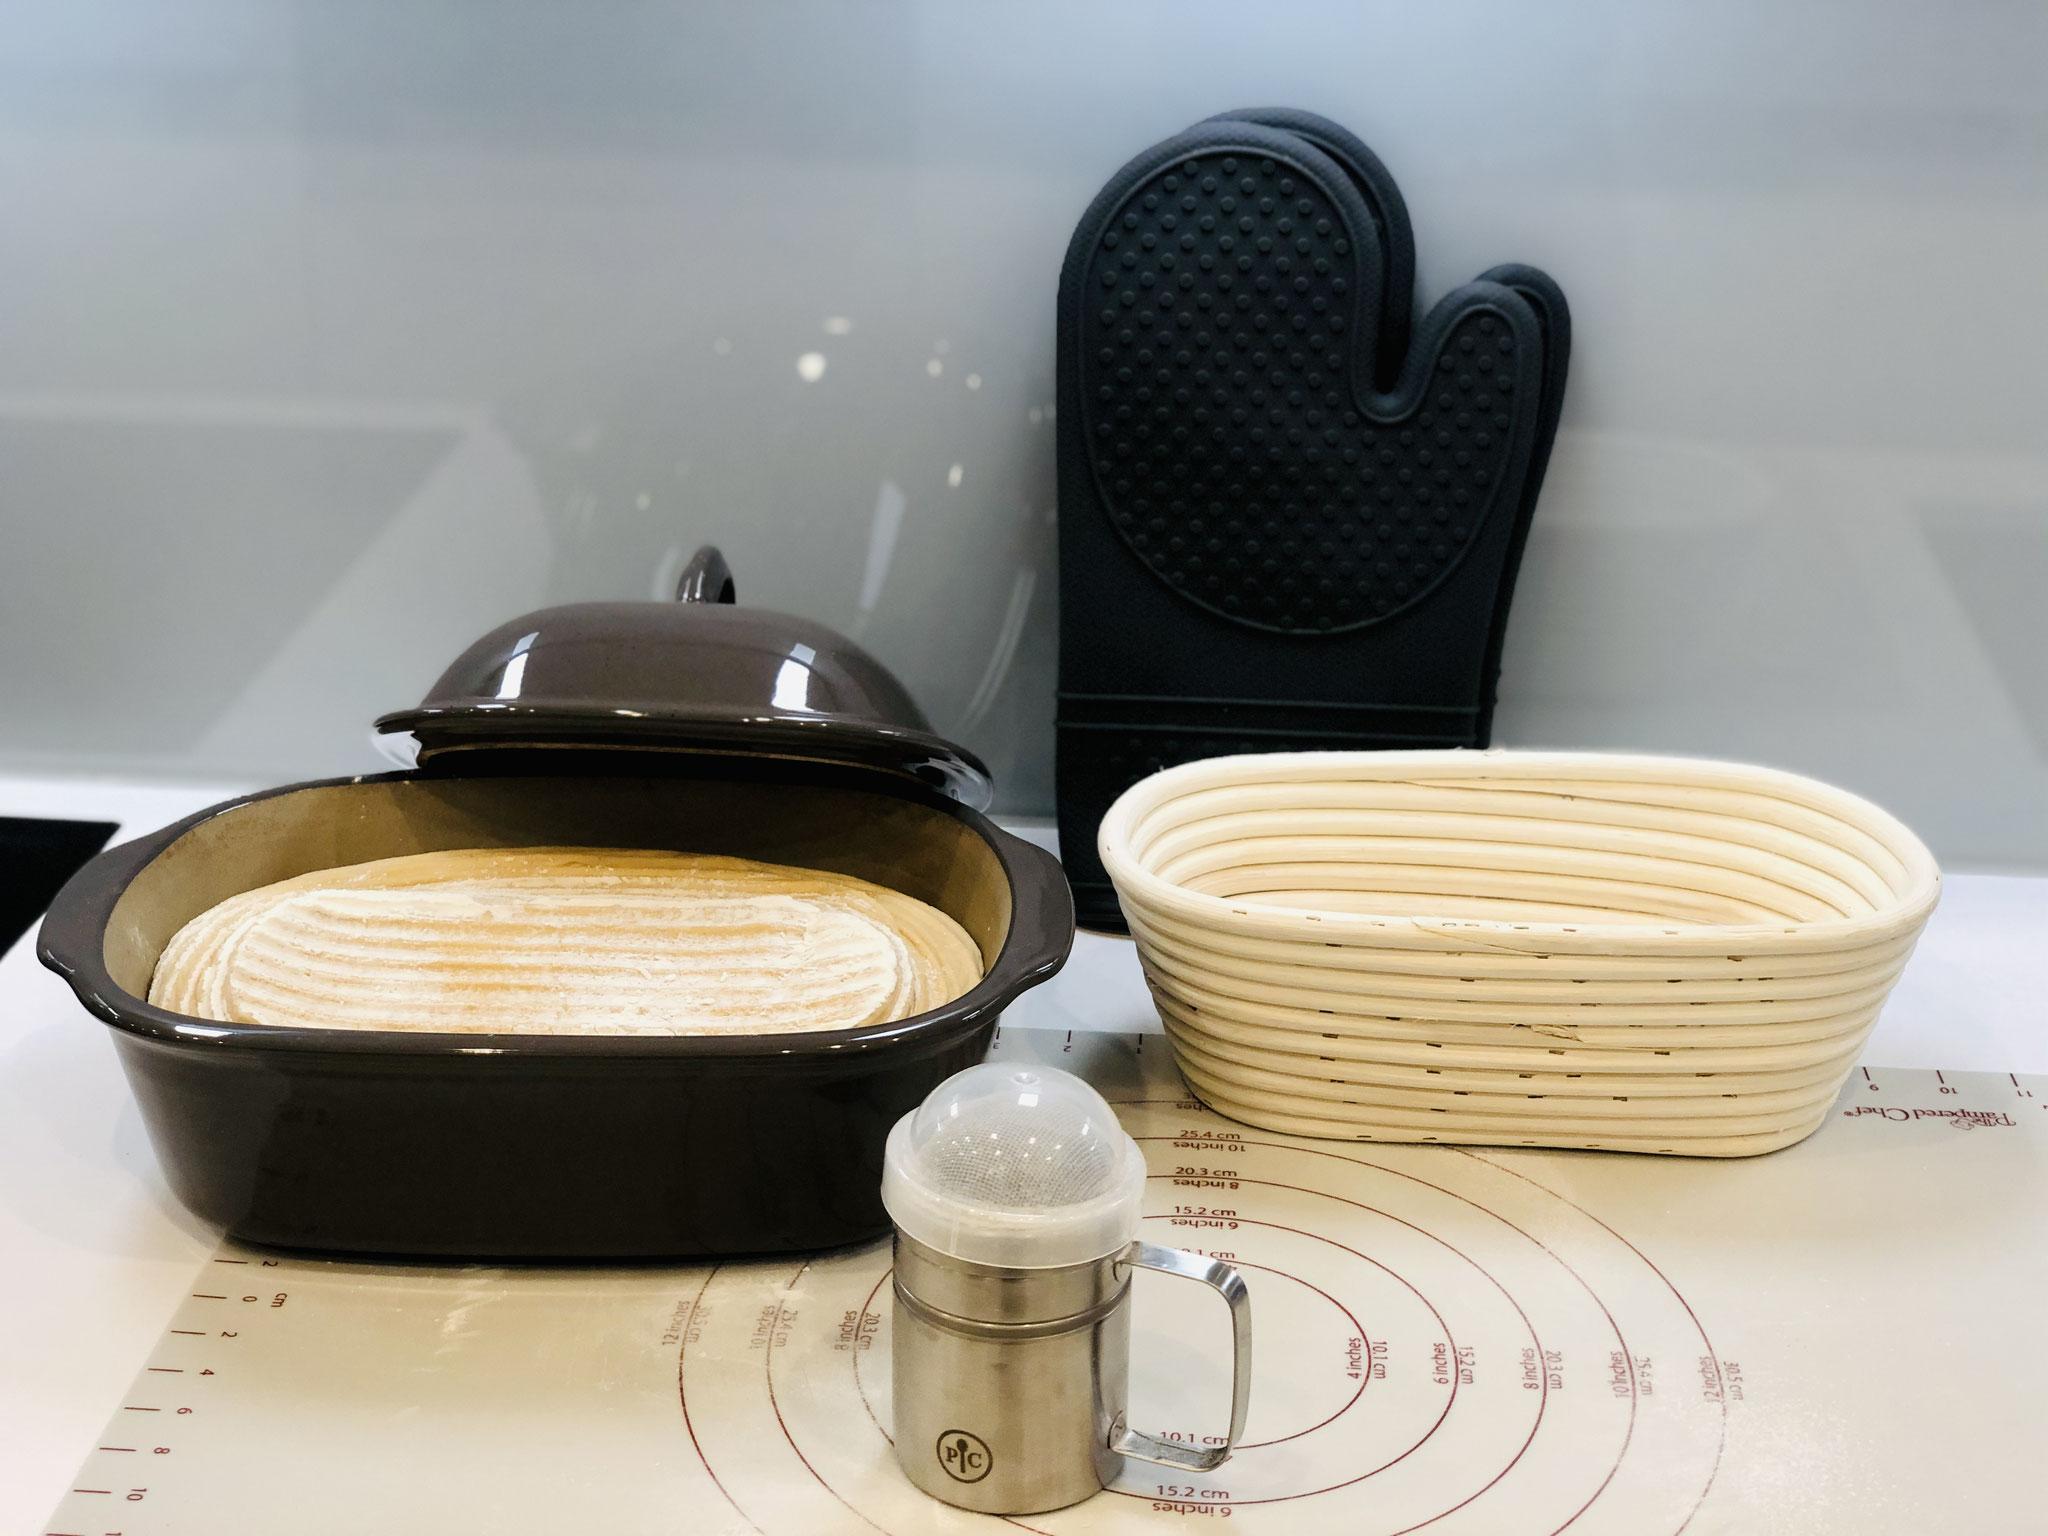 Vorsichtig den Teigling in den Ofenmeister stürzen und den Deckel auflegen...